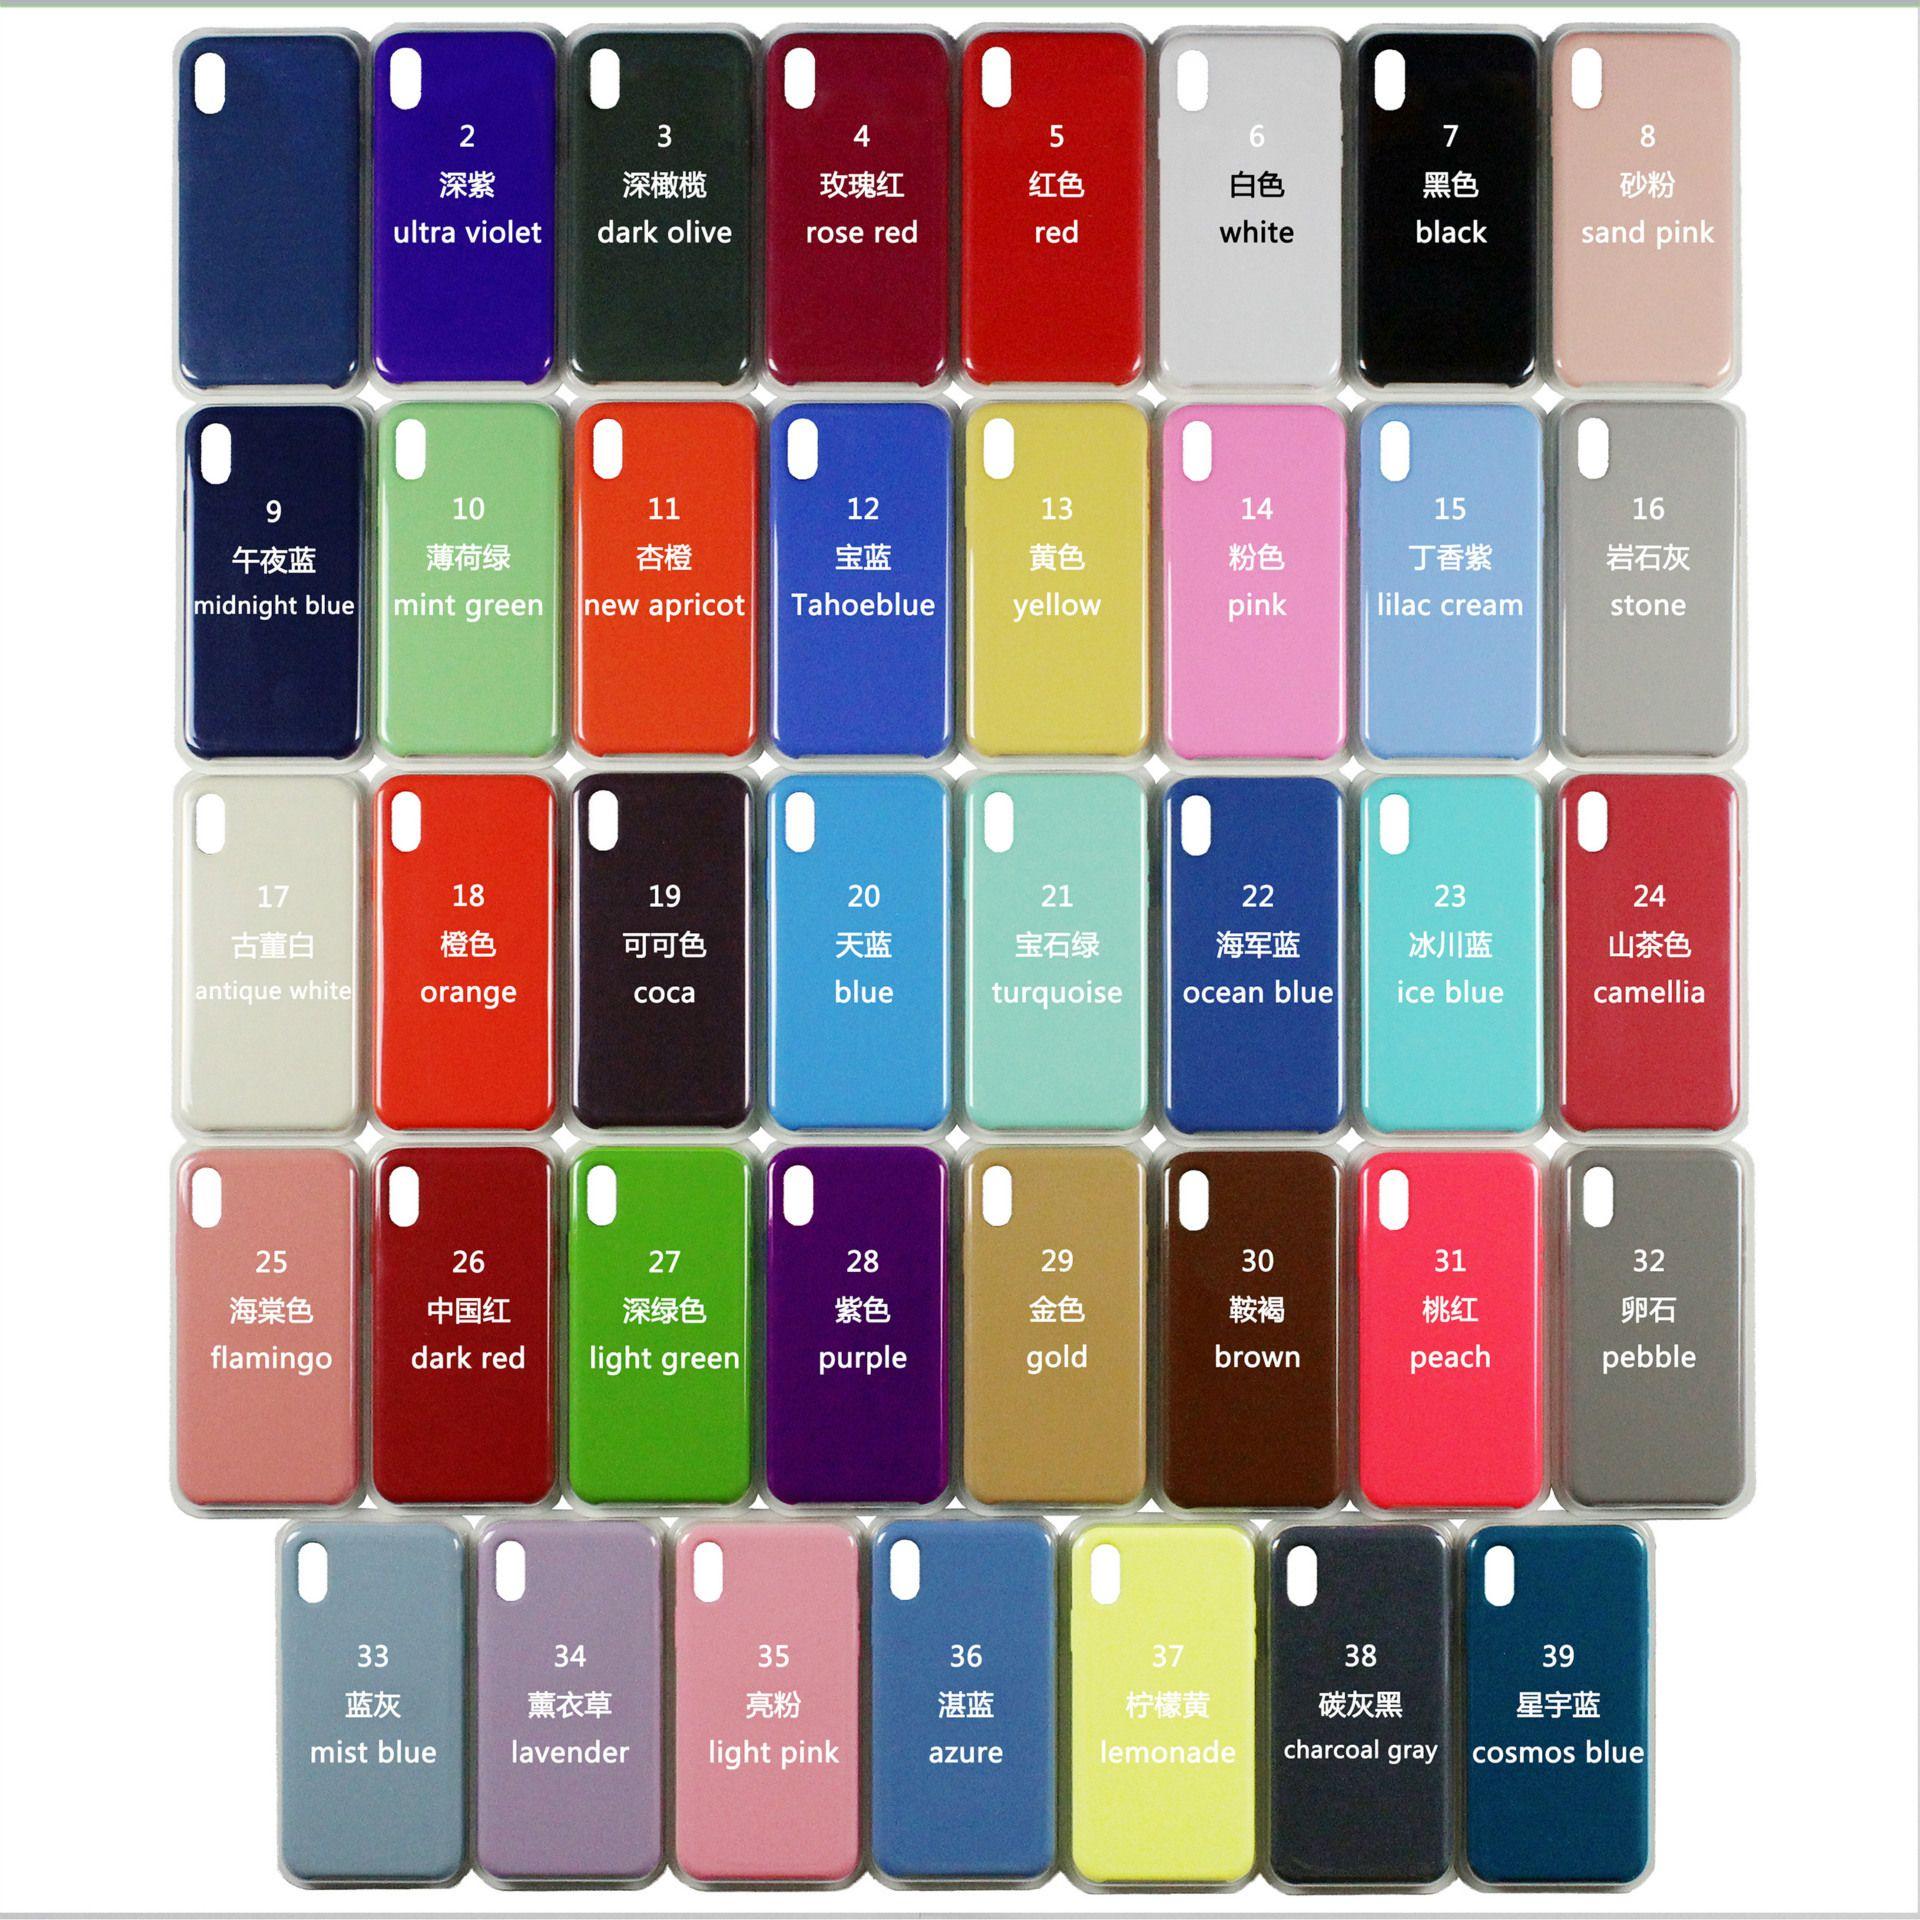 Custodia In Silicone Liquido IPhone 7 8 Plus Cover Rigida IPhone 6 6S Con Scatola IPhone X Cover Da Shangbrand, 2,16 € | It.Dhgate.Com